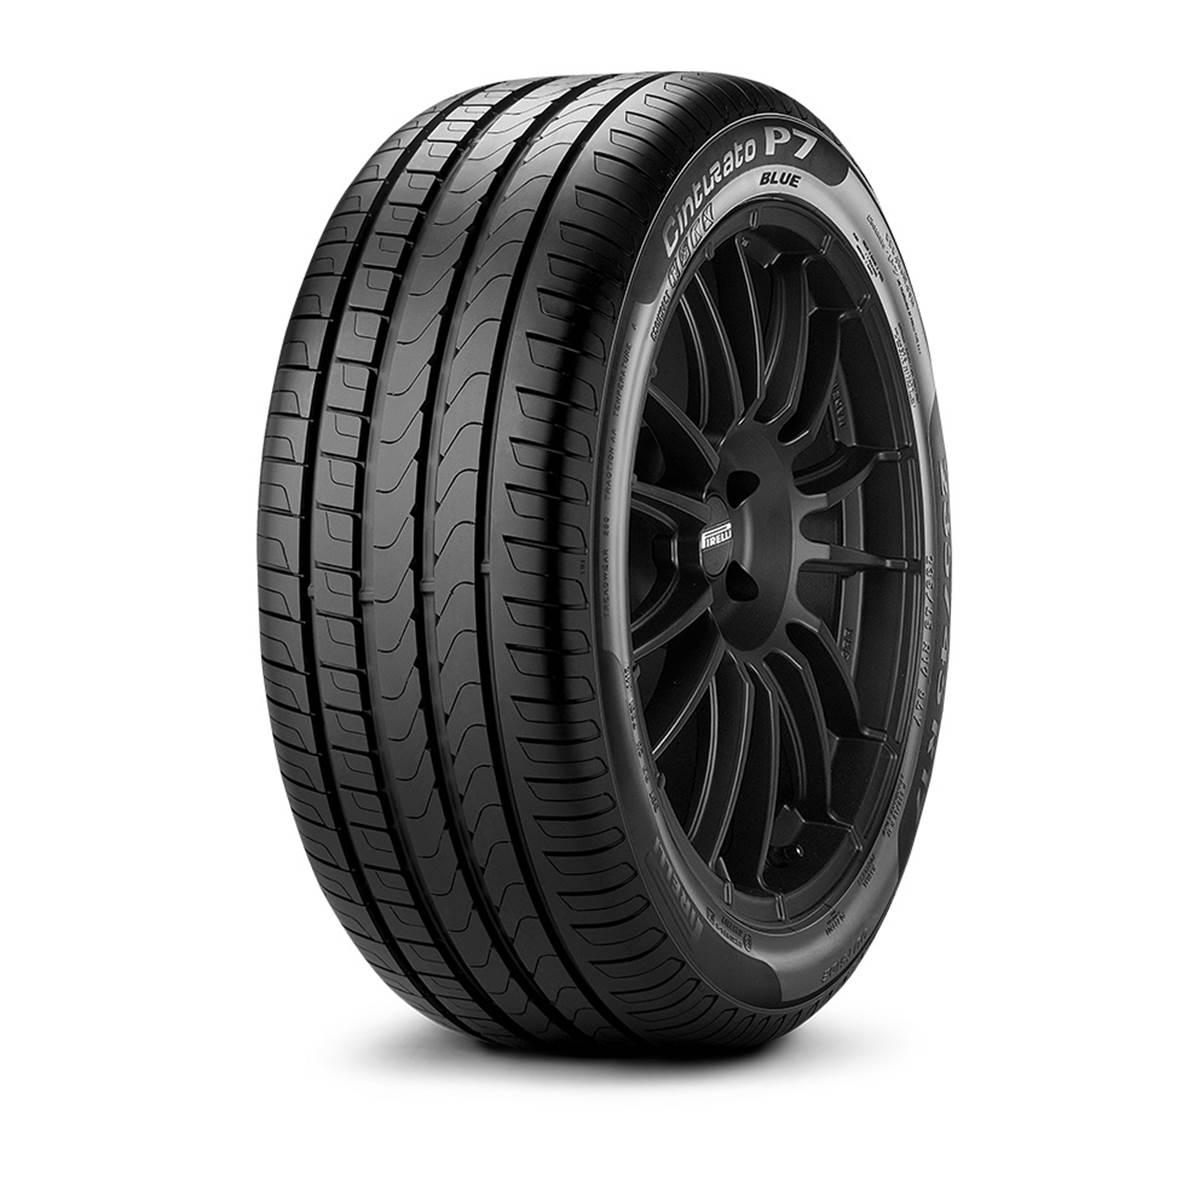 Pneu Pirelli 225/55R16 95V Cinturato P7 Blue